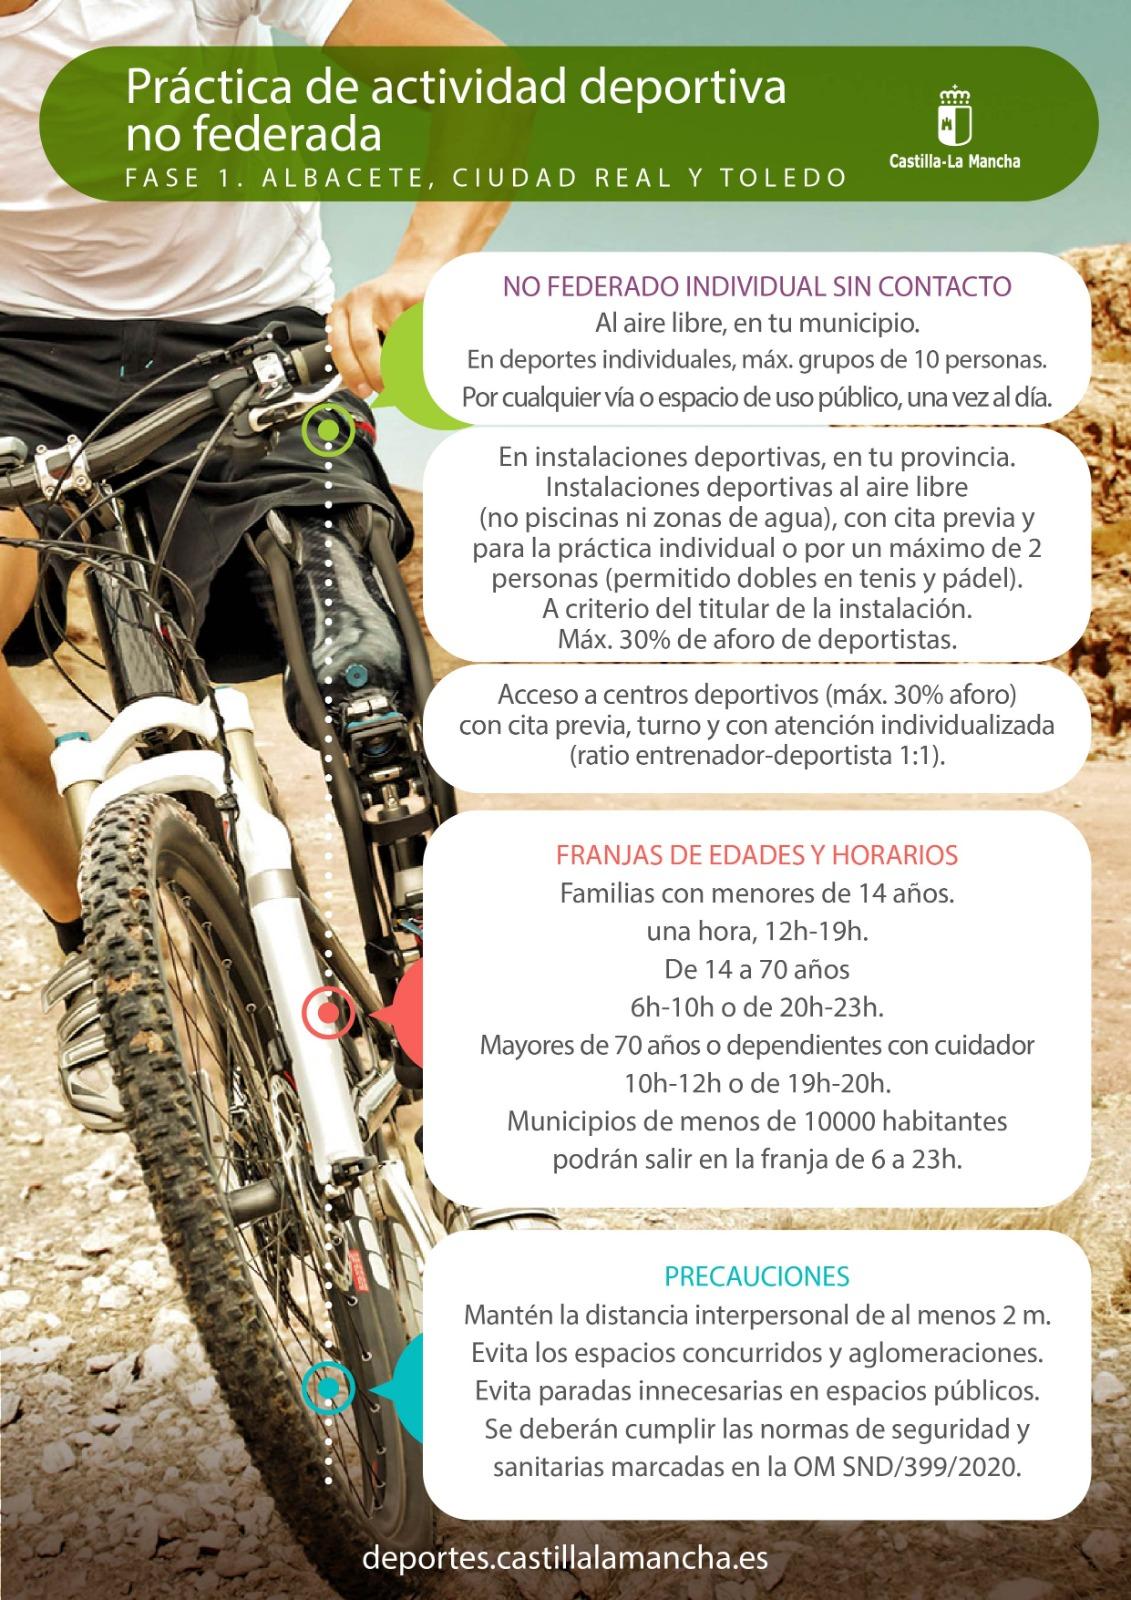 Práctica deportiva Fase 1 NO federada (act. 27/05/2020)